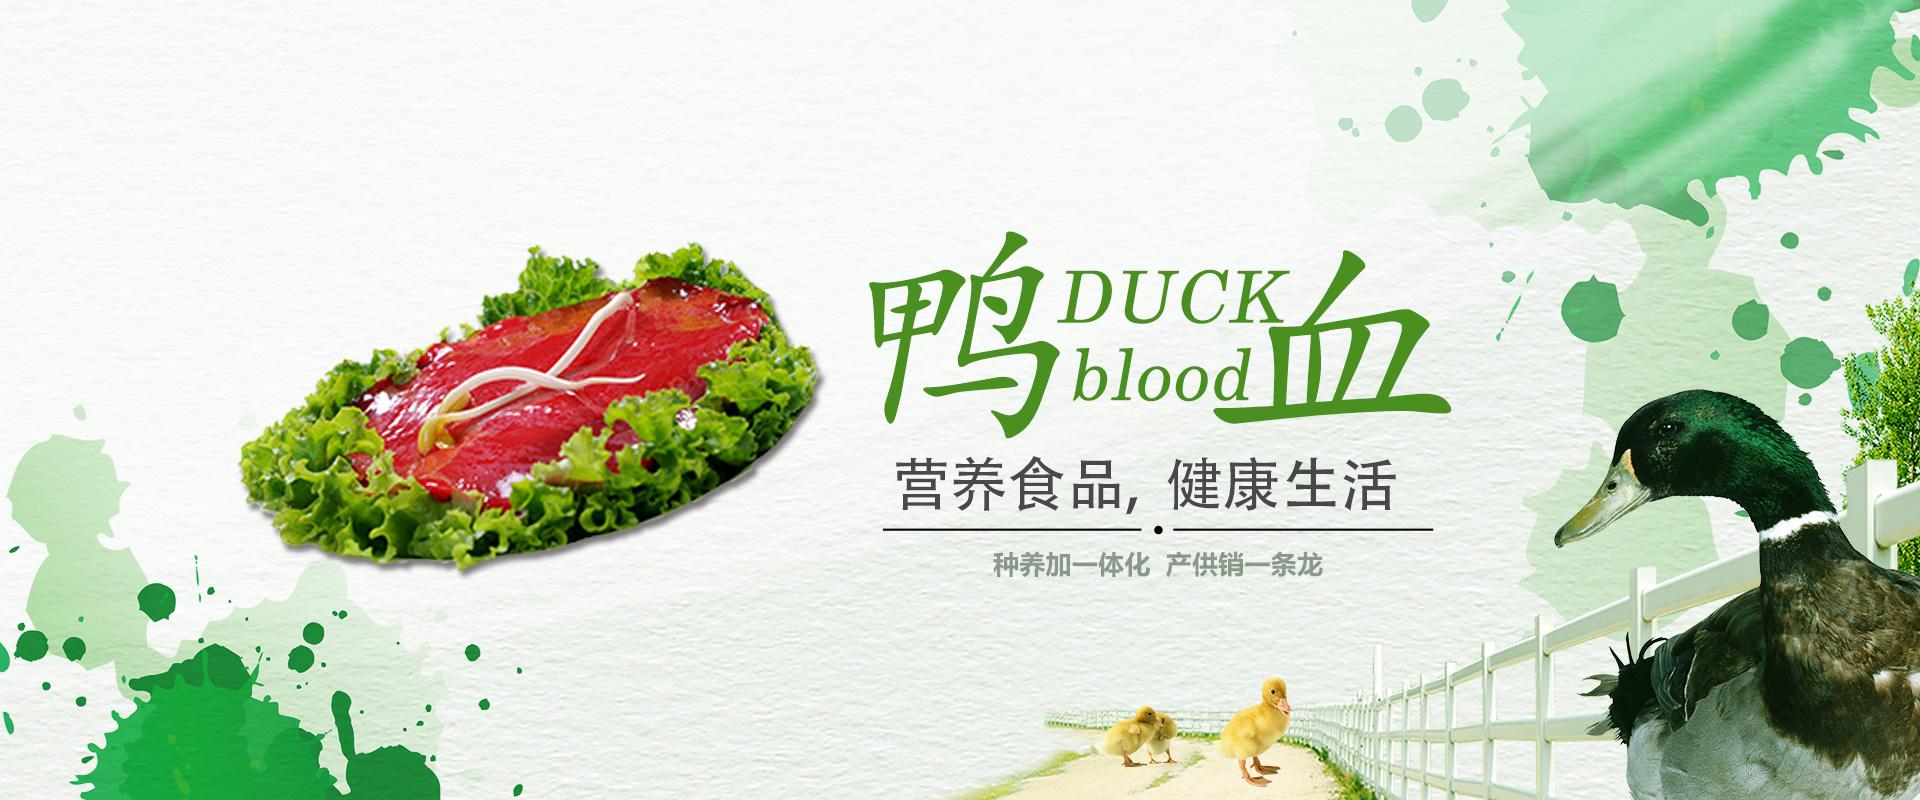 做实力派 健康鸭血生产工厂